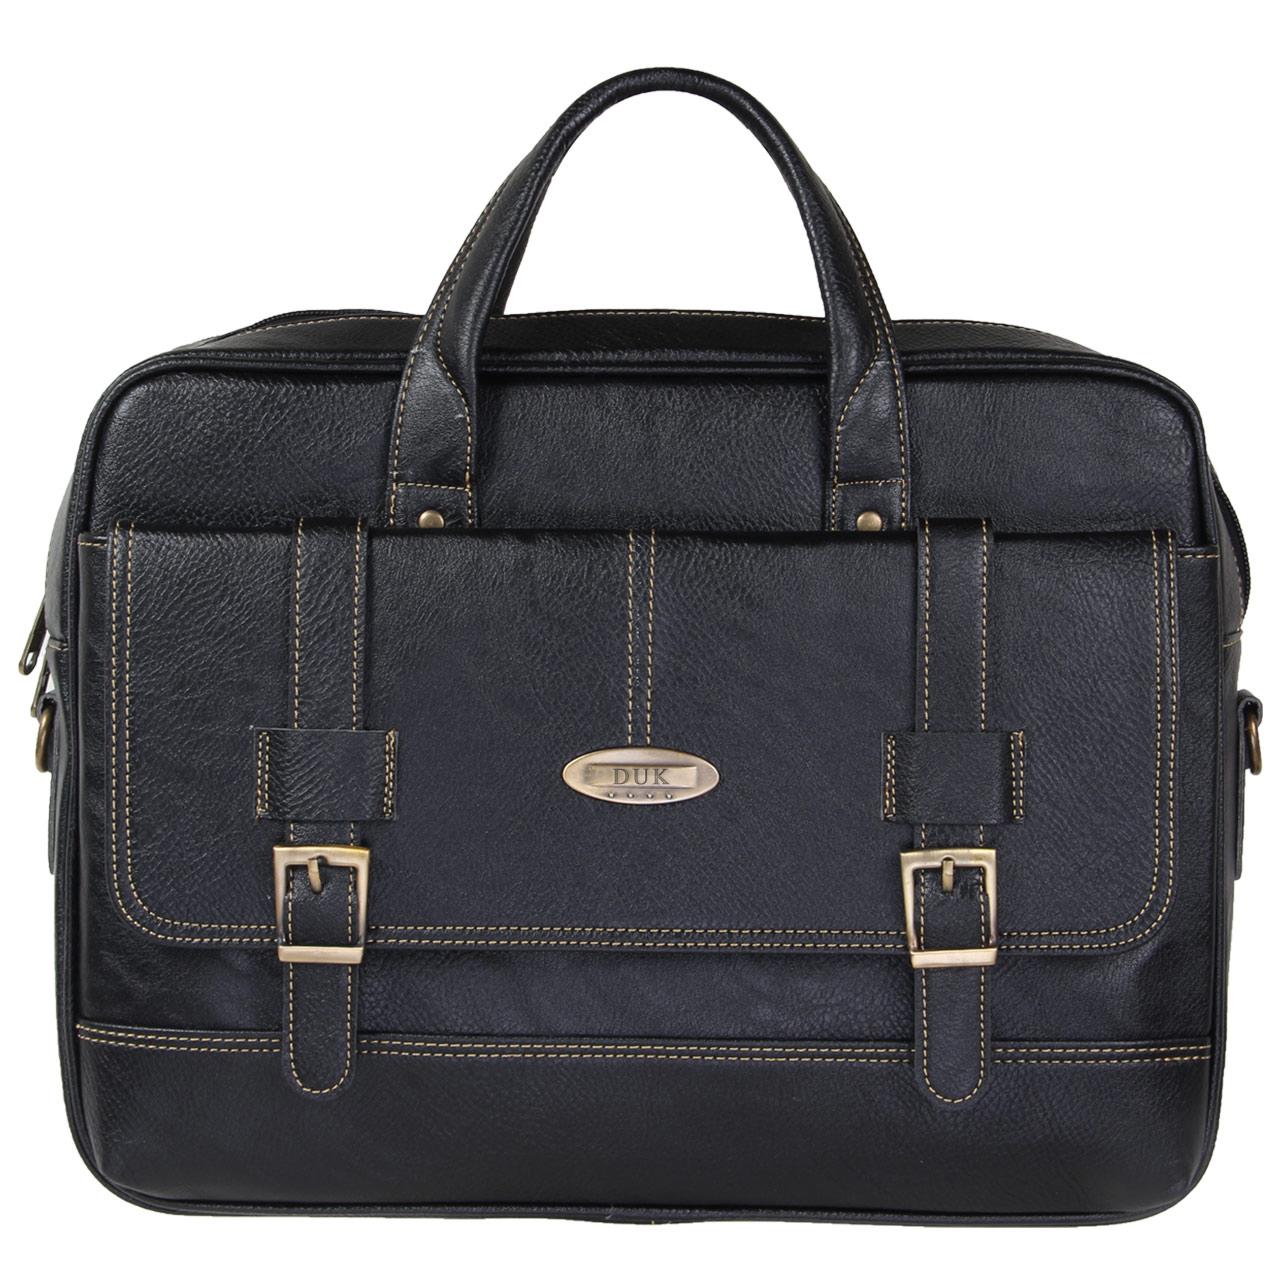 قیمت کیف اداری مردانه دوک مدل 1241